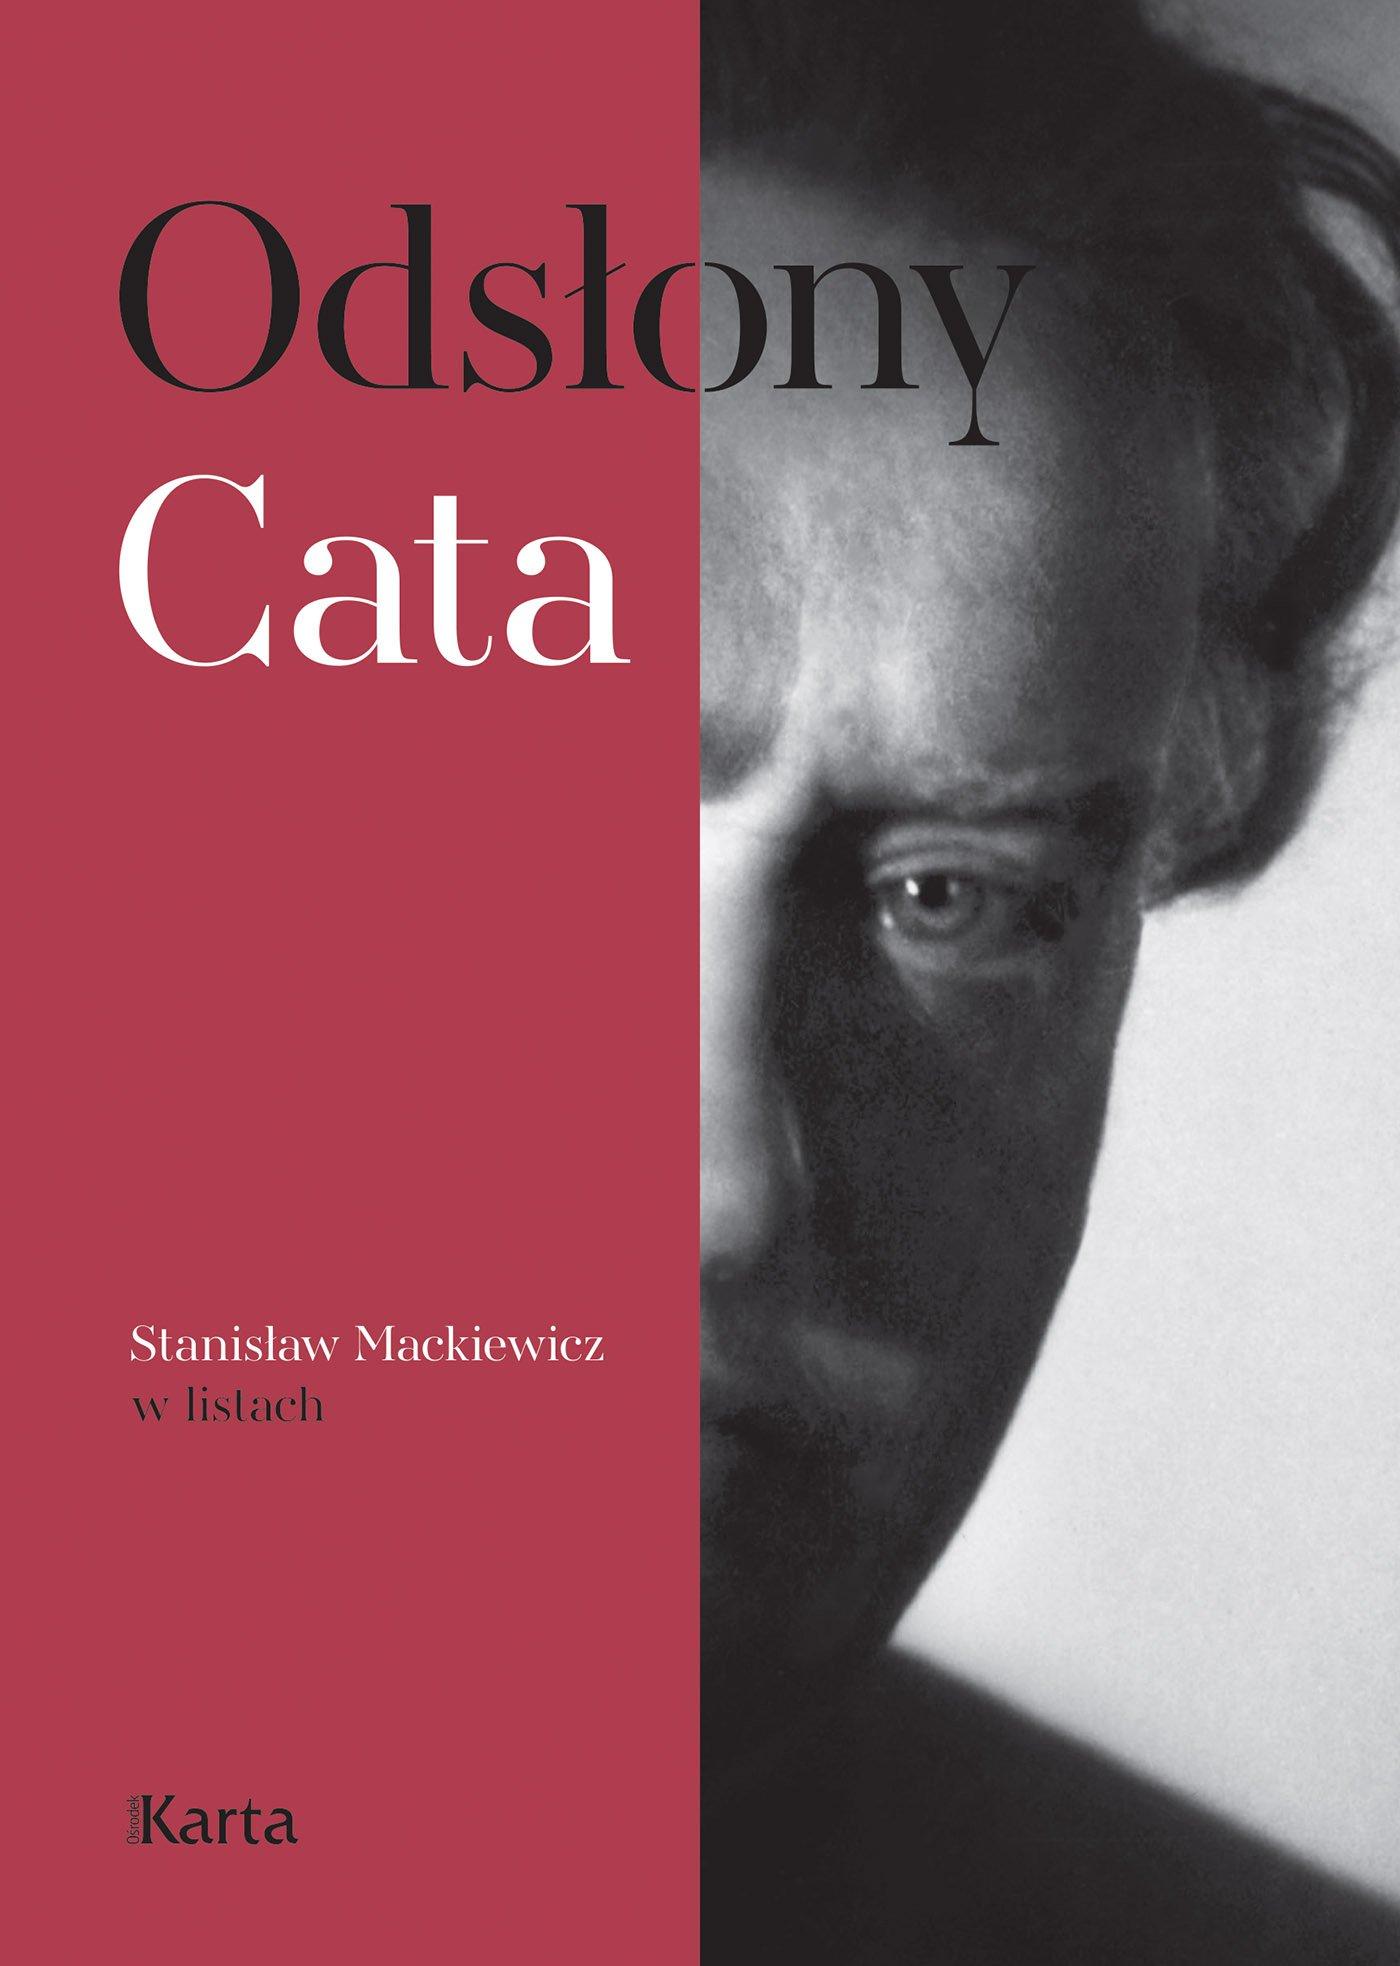 Odsłony Cata. Stanisław Mackiewicz w listach - Ebook (Książka EPUB) do pobrania w formacie EPUB